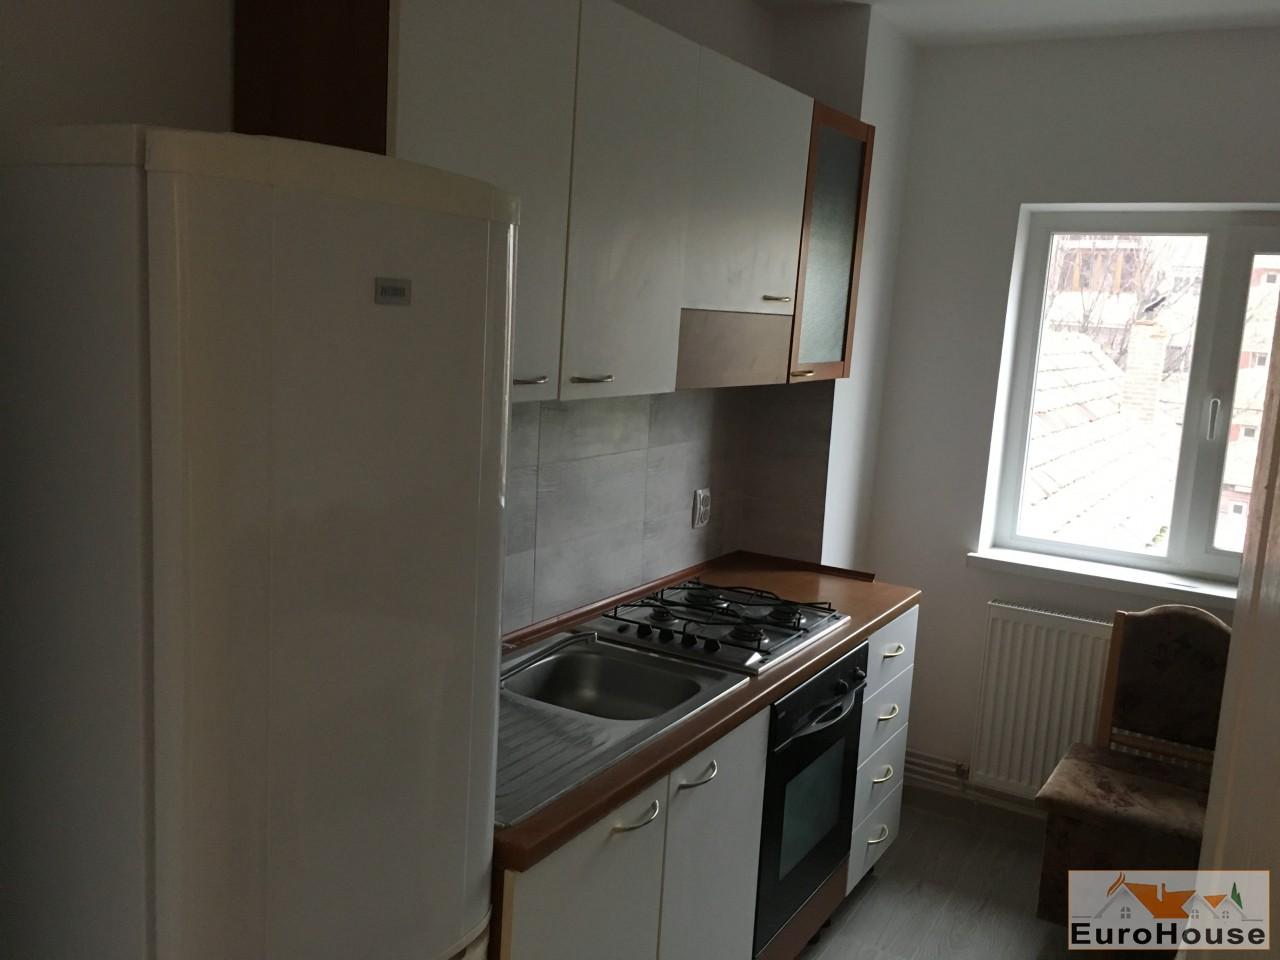 Apartament 2 camere de inchiriat  Alba Iulia -34269-